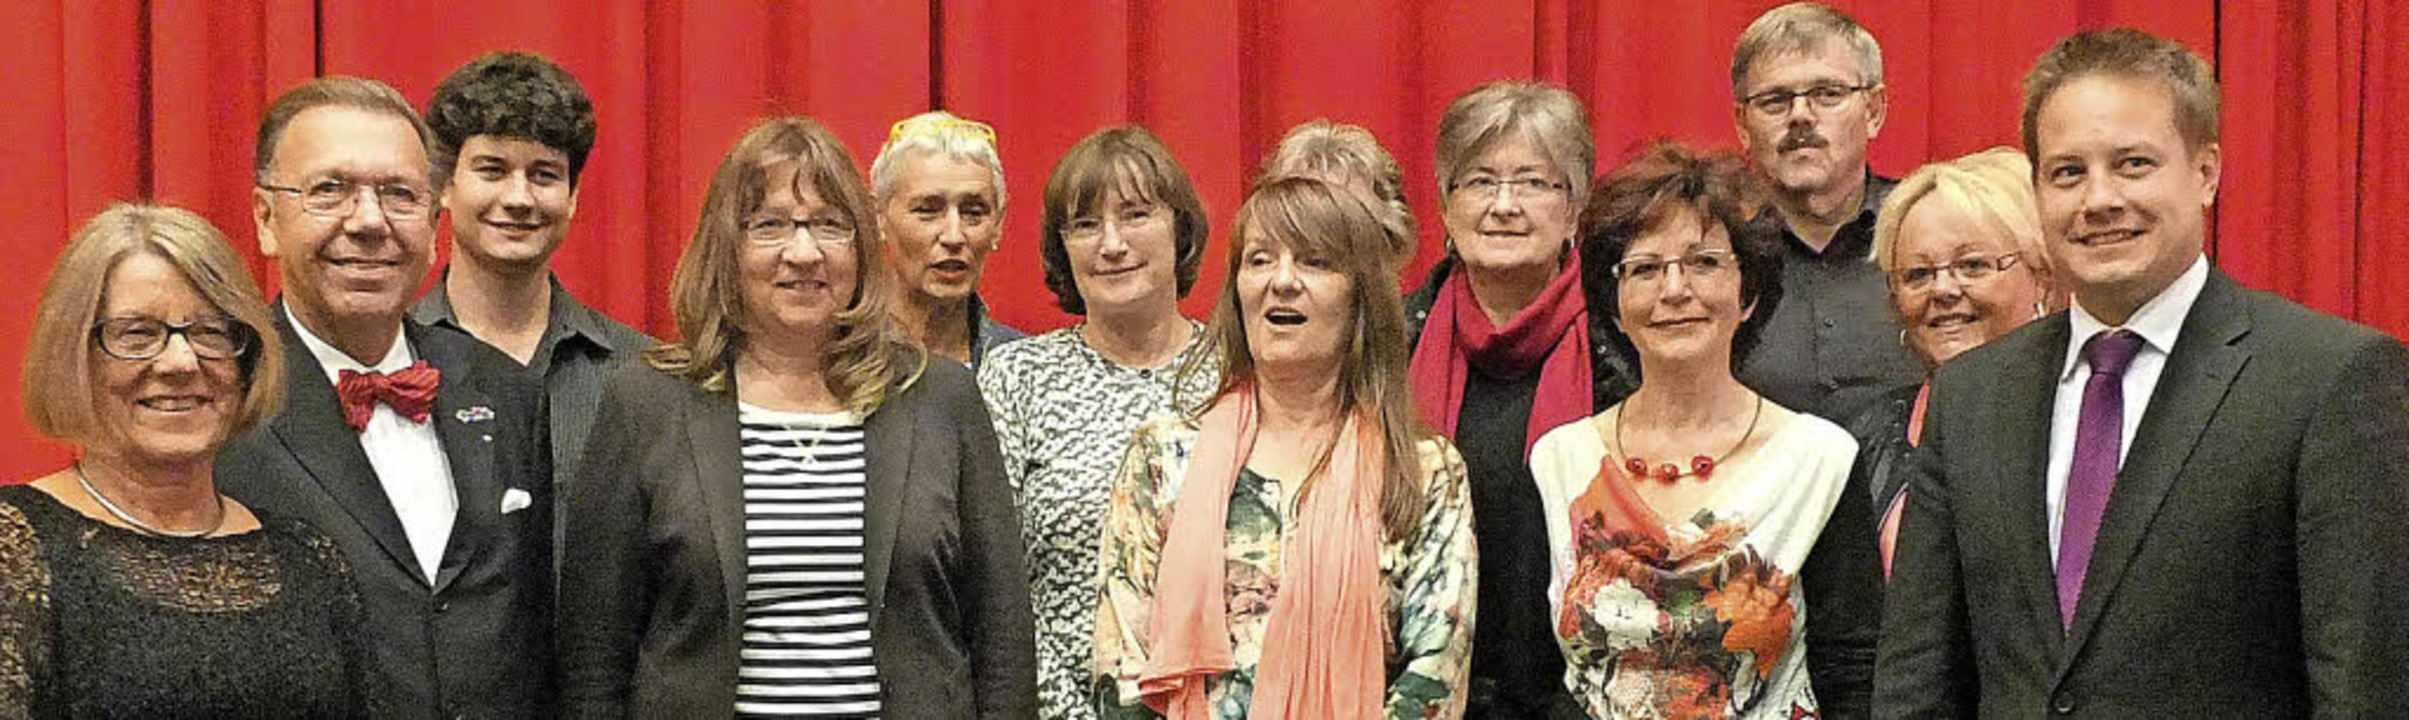 Der alte Vorstand bleibt der neue. Der...en Leitern der Arbeitsgemeinschaften.   | Foto: Martina David-Wenk